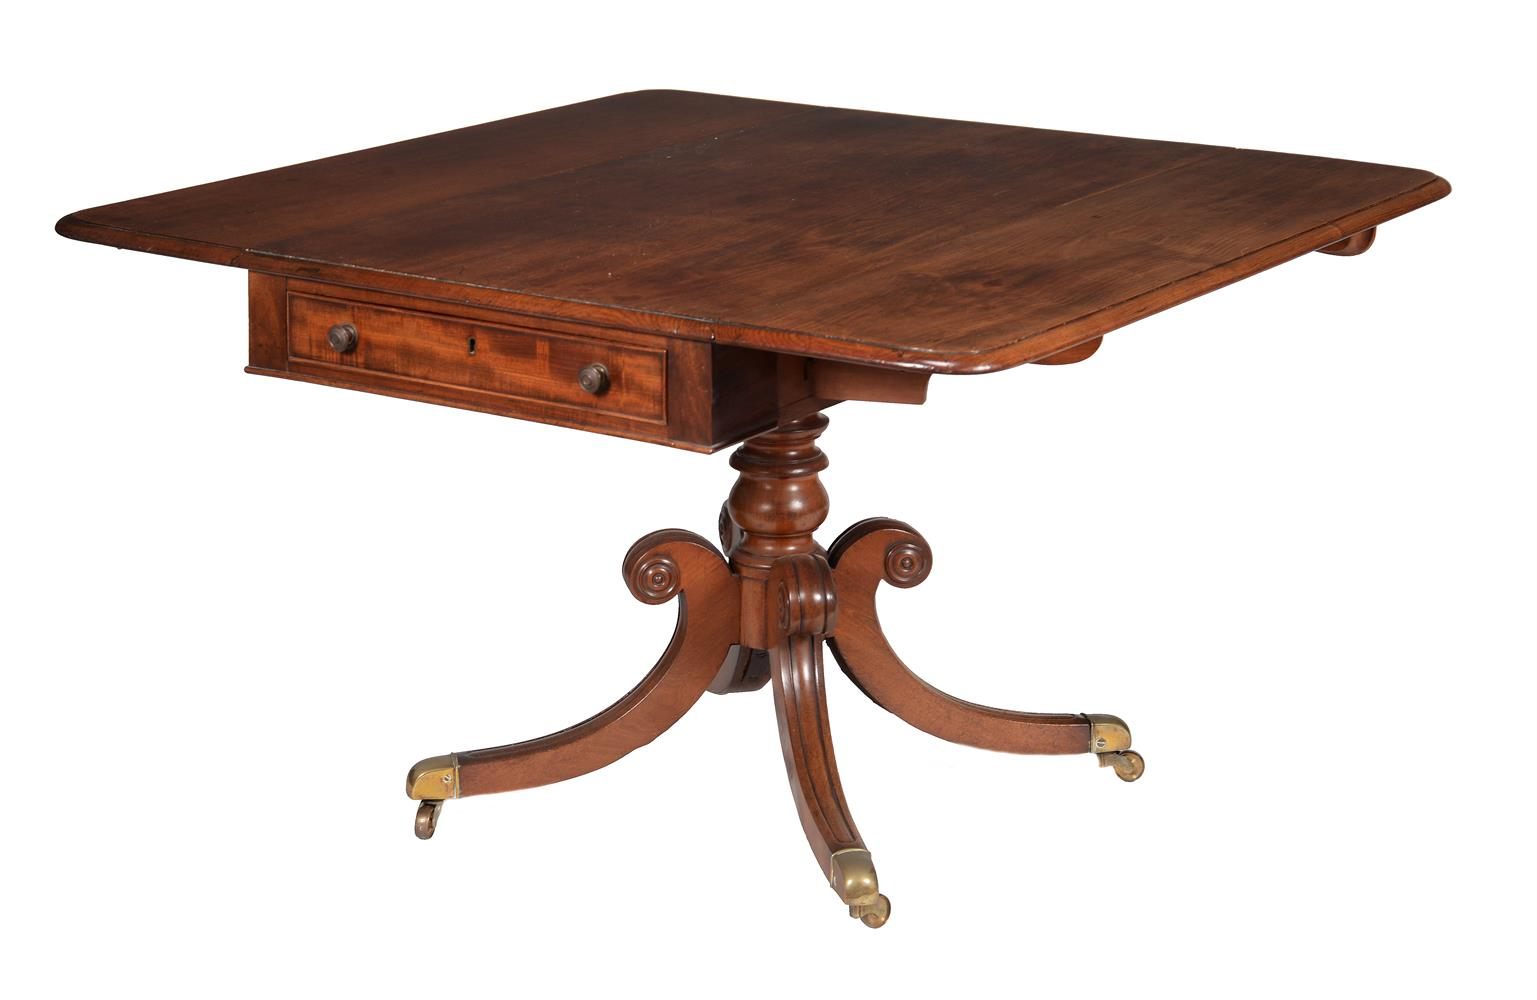 A Regency mahogany sofa table - Image 2 of 2